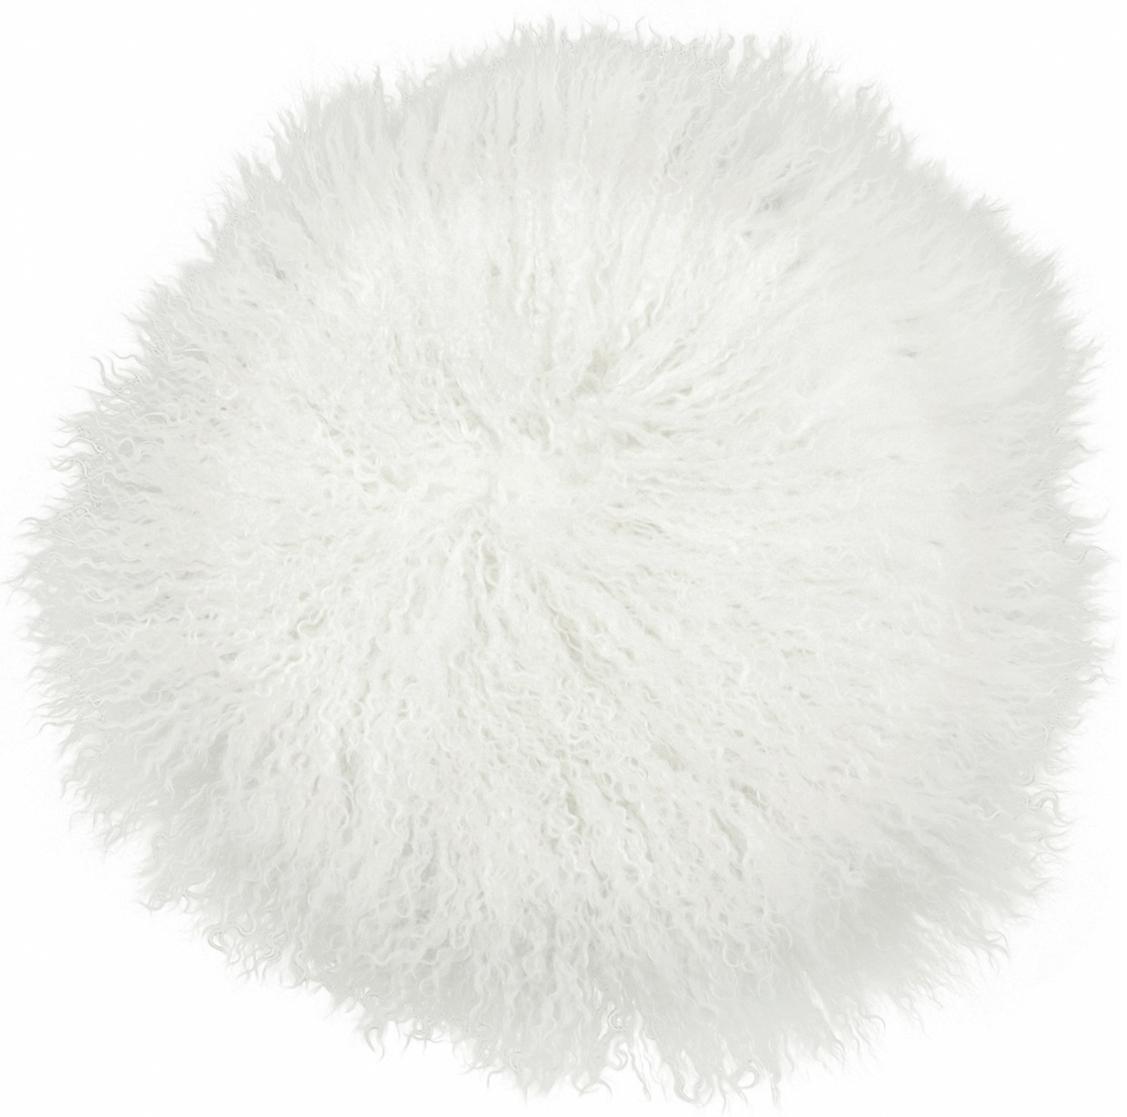 Cuscino sedia in pelliccia d'agnello a pelo lungo Ella, riccio, Retro: 100% poliestere, Bianco naturale, Ø 37 cm